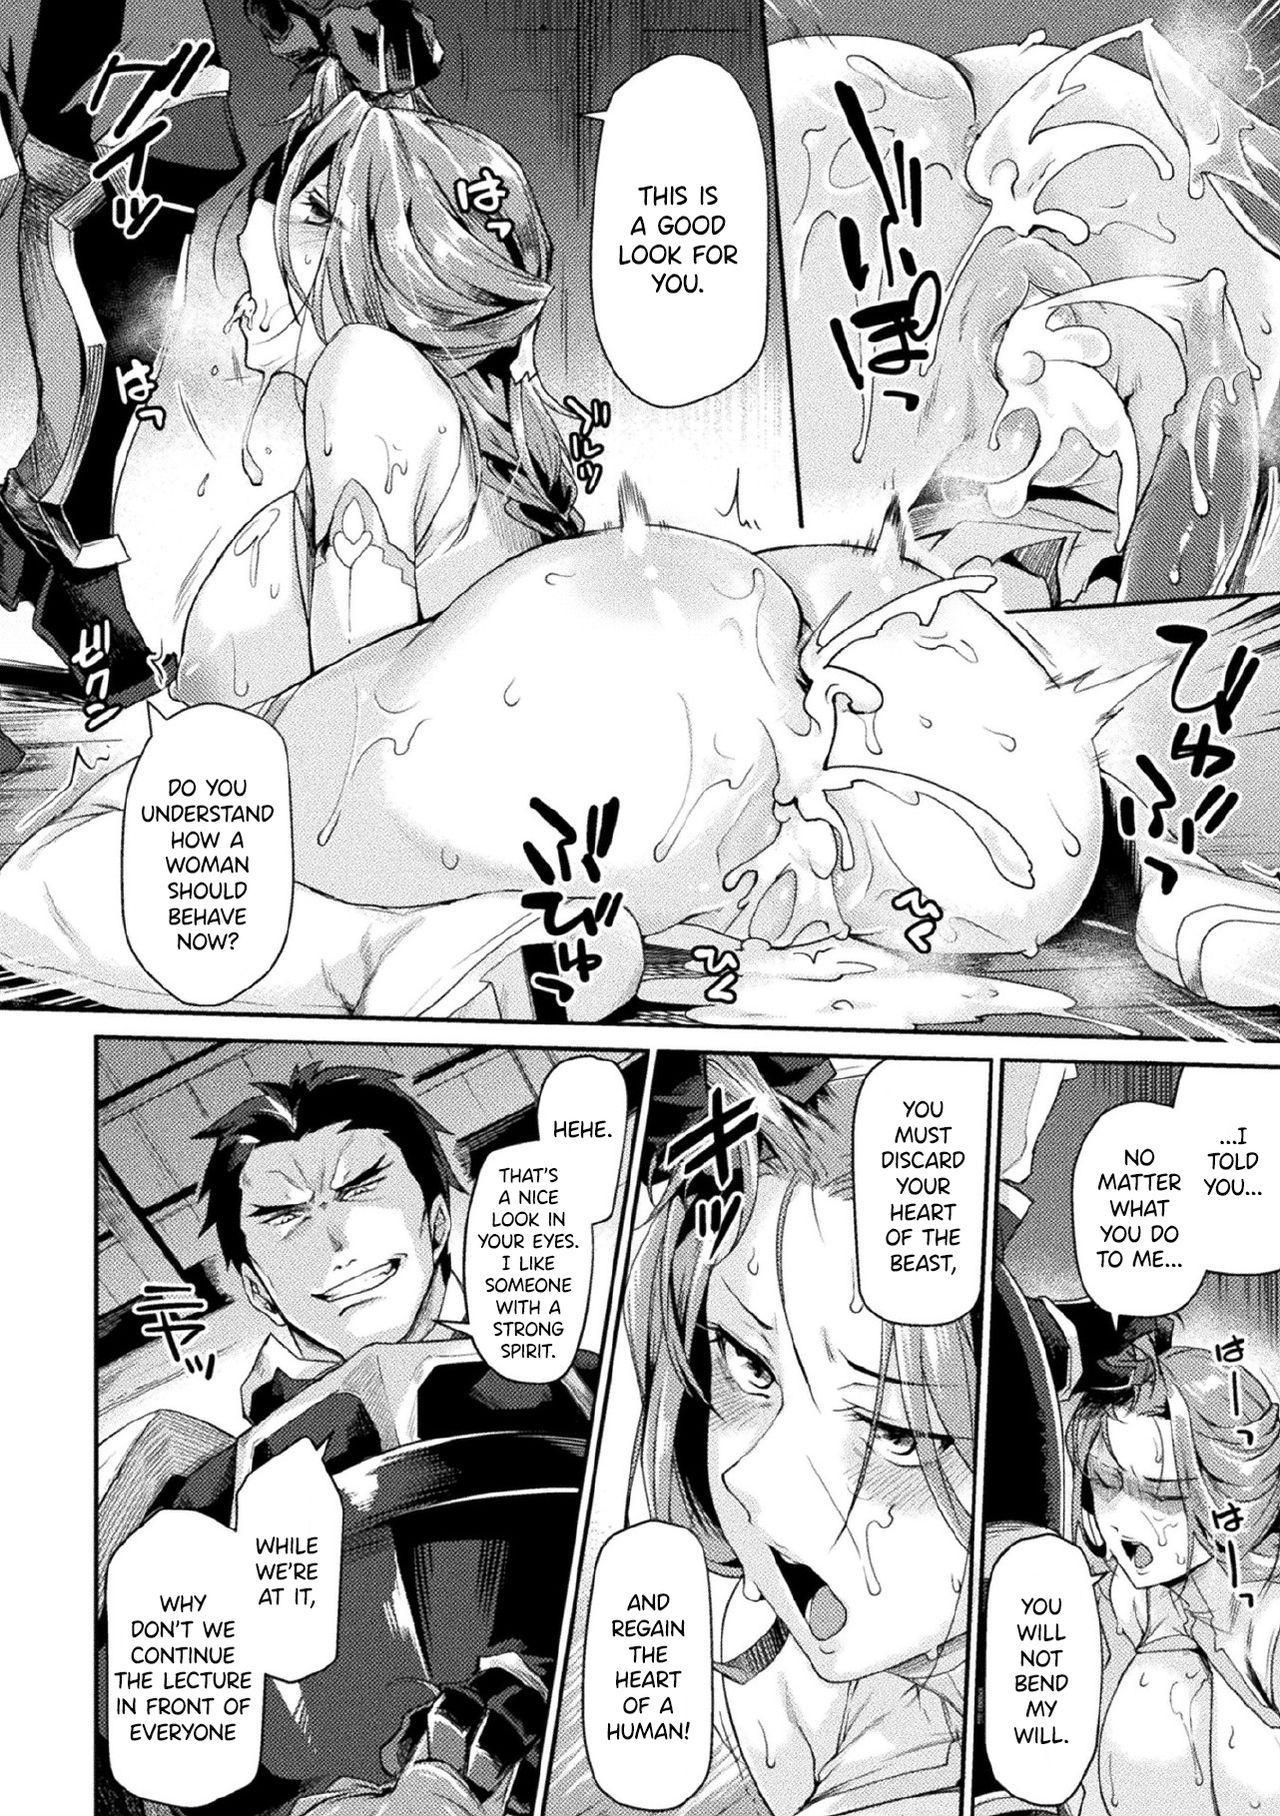 [Tsukitokage] Kuroinu II ~Inyoku ni Somaru Haitoku no Miyako, Futatabi~ THE COMIC Chapter 2 (Haiboku Otome Ecstasy Vol. 21) [English] {Hennojin} [Decensored] [Digital] 13